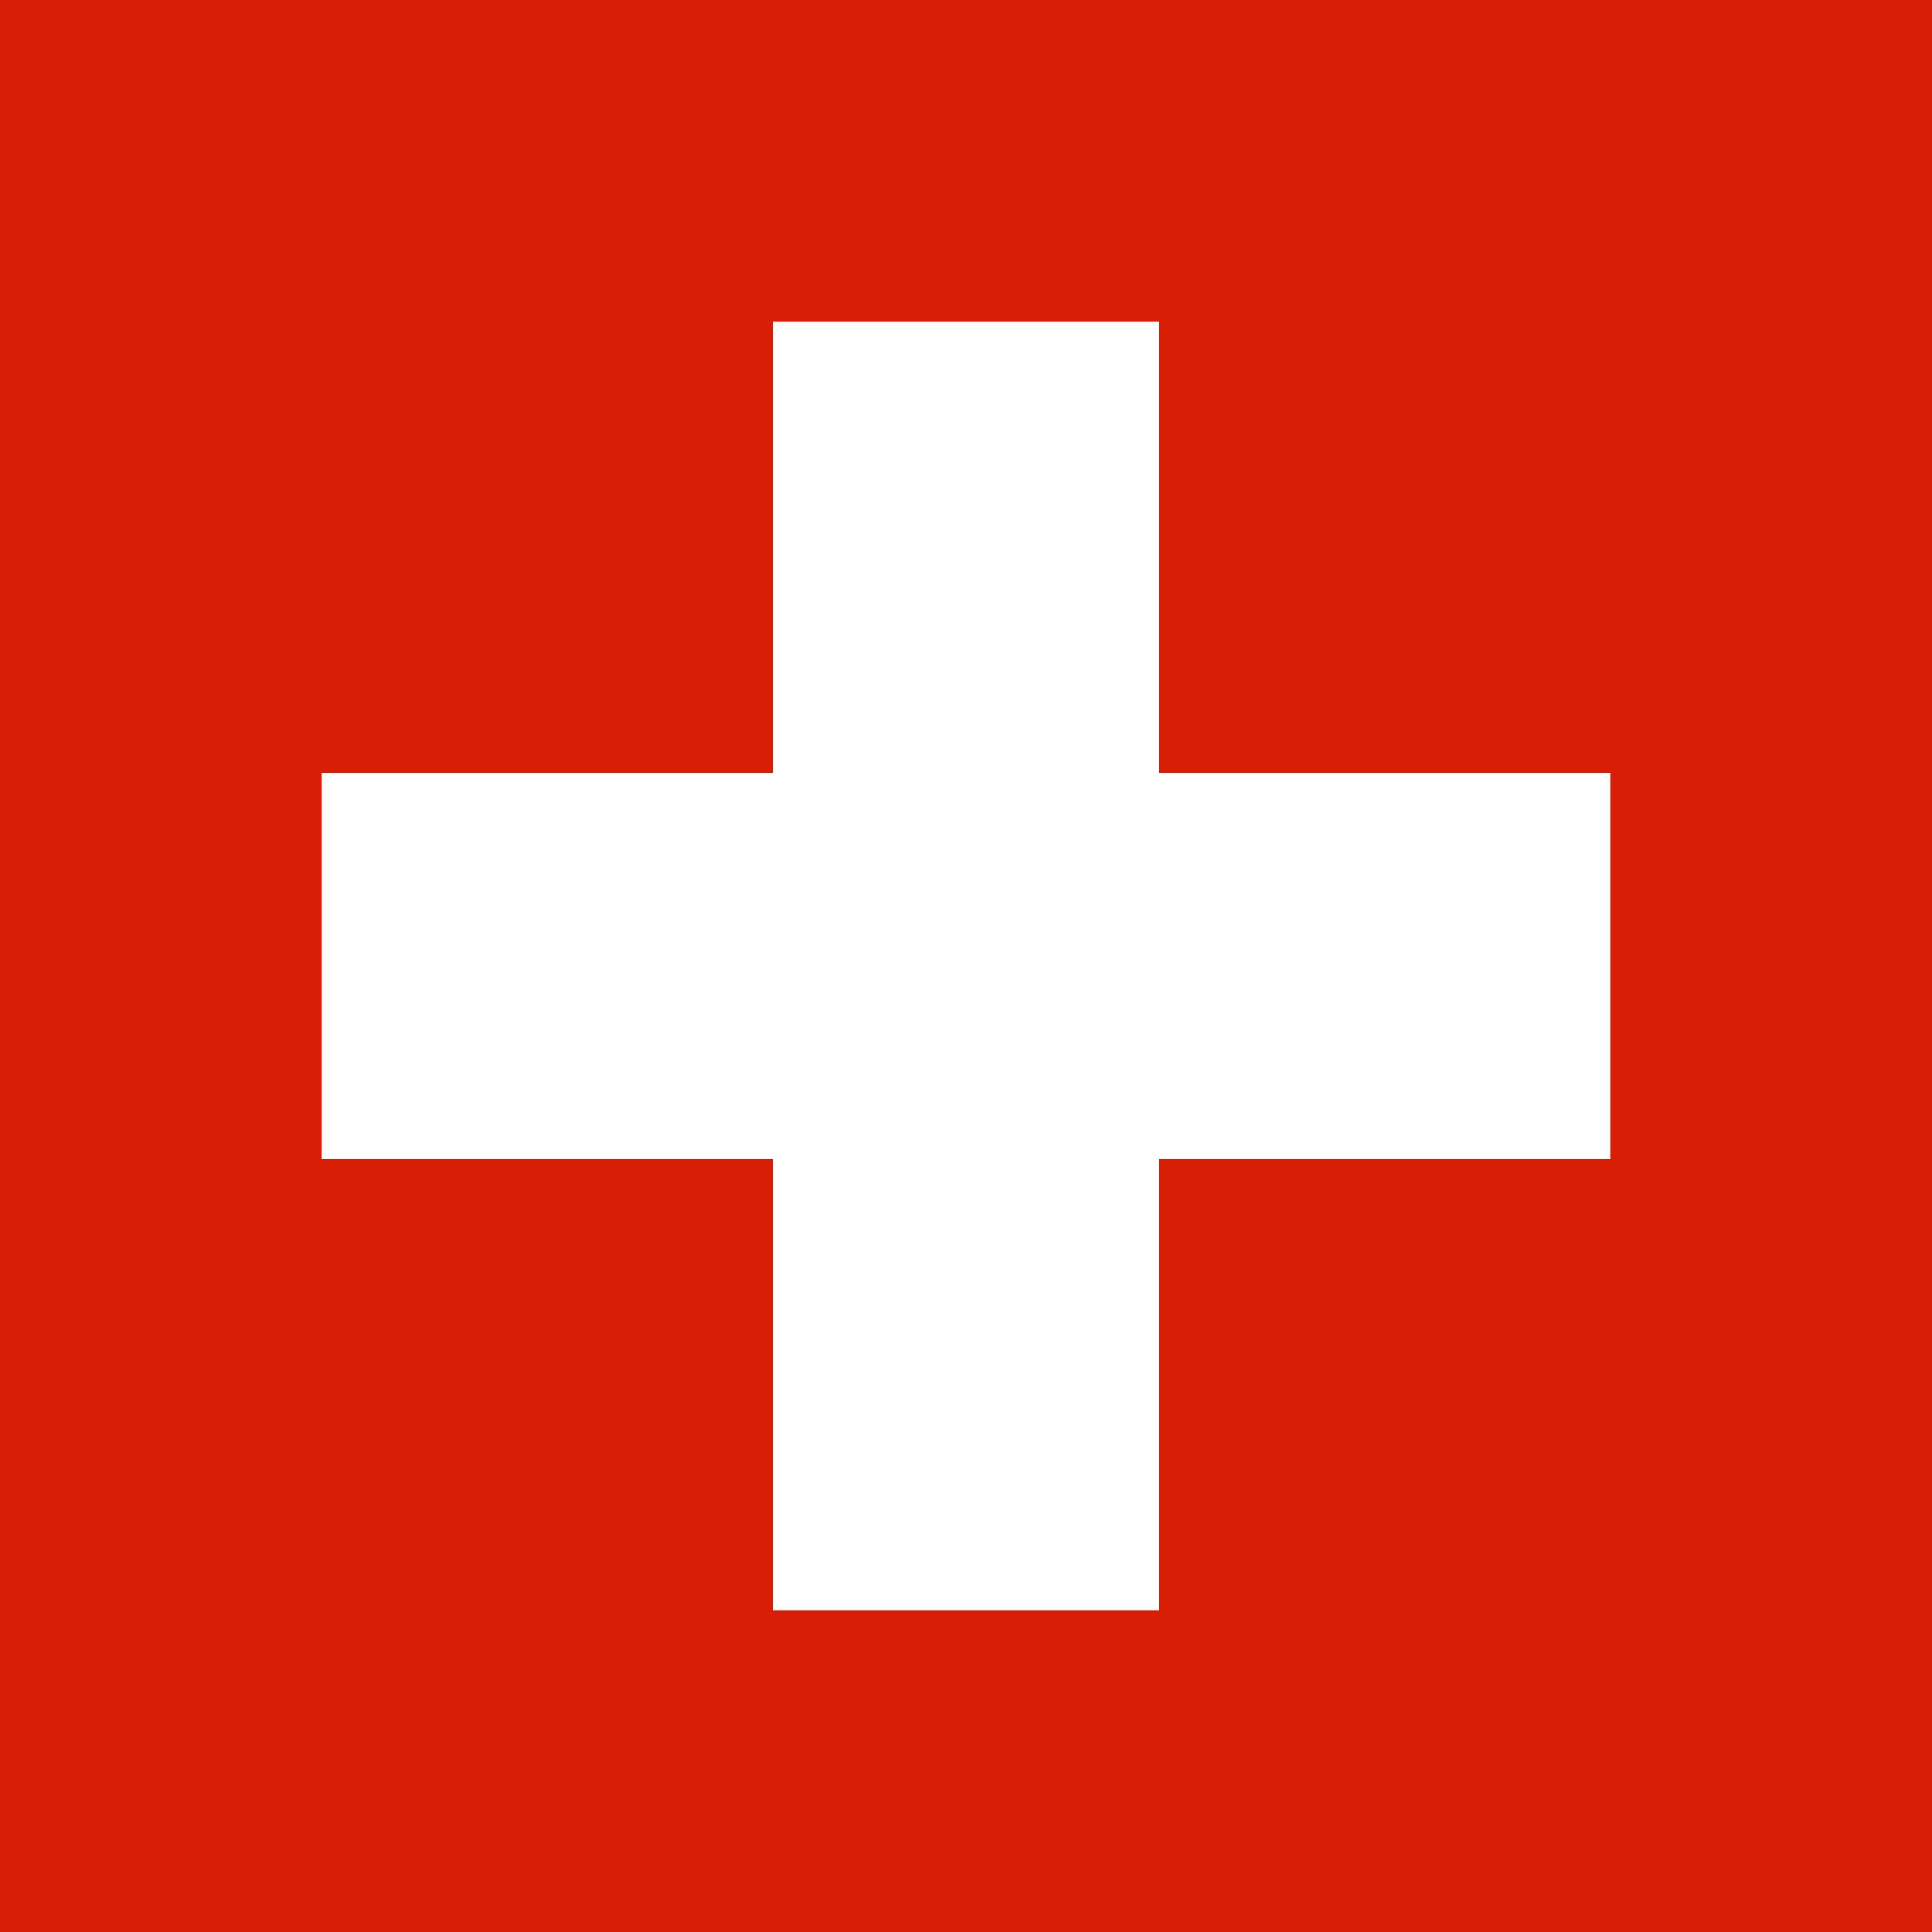 Suisse, pays, emblème, logo, symbole - Fonds d'écran HD - Professor-falken.com